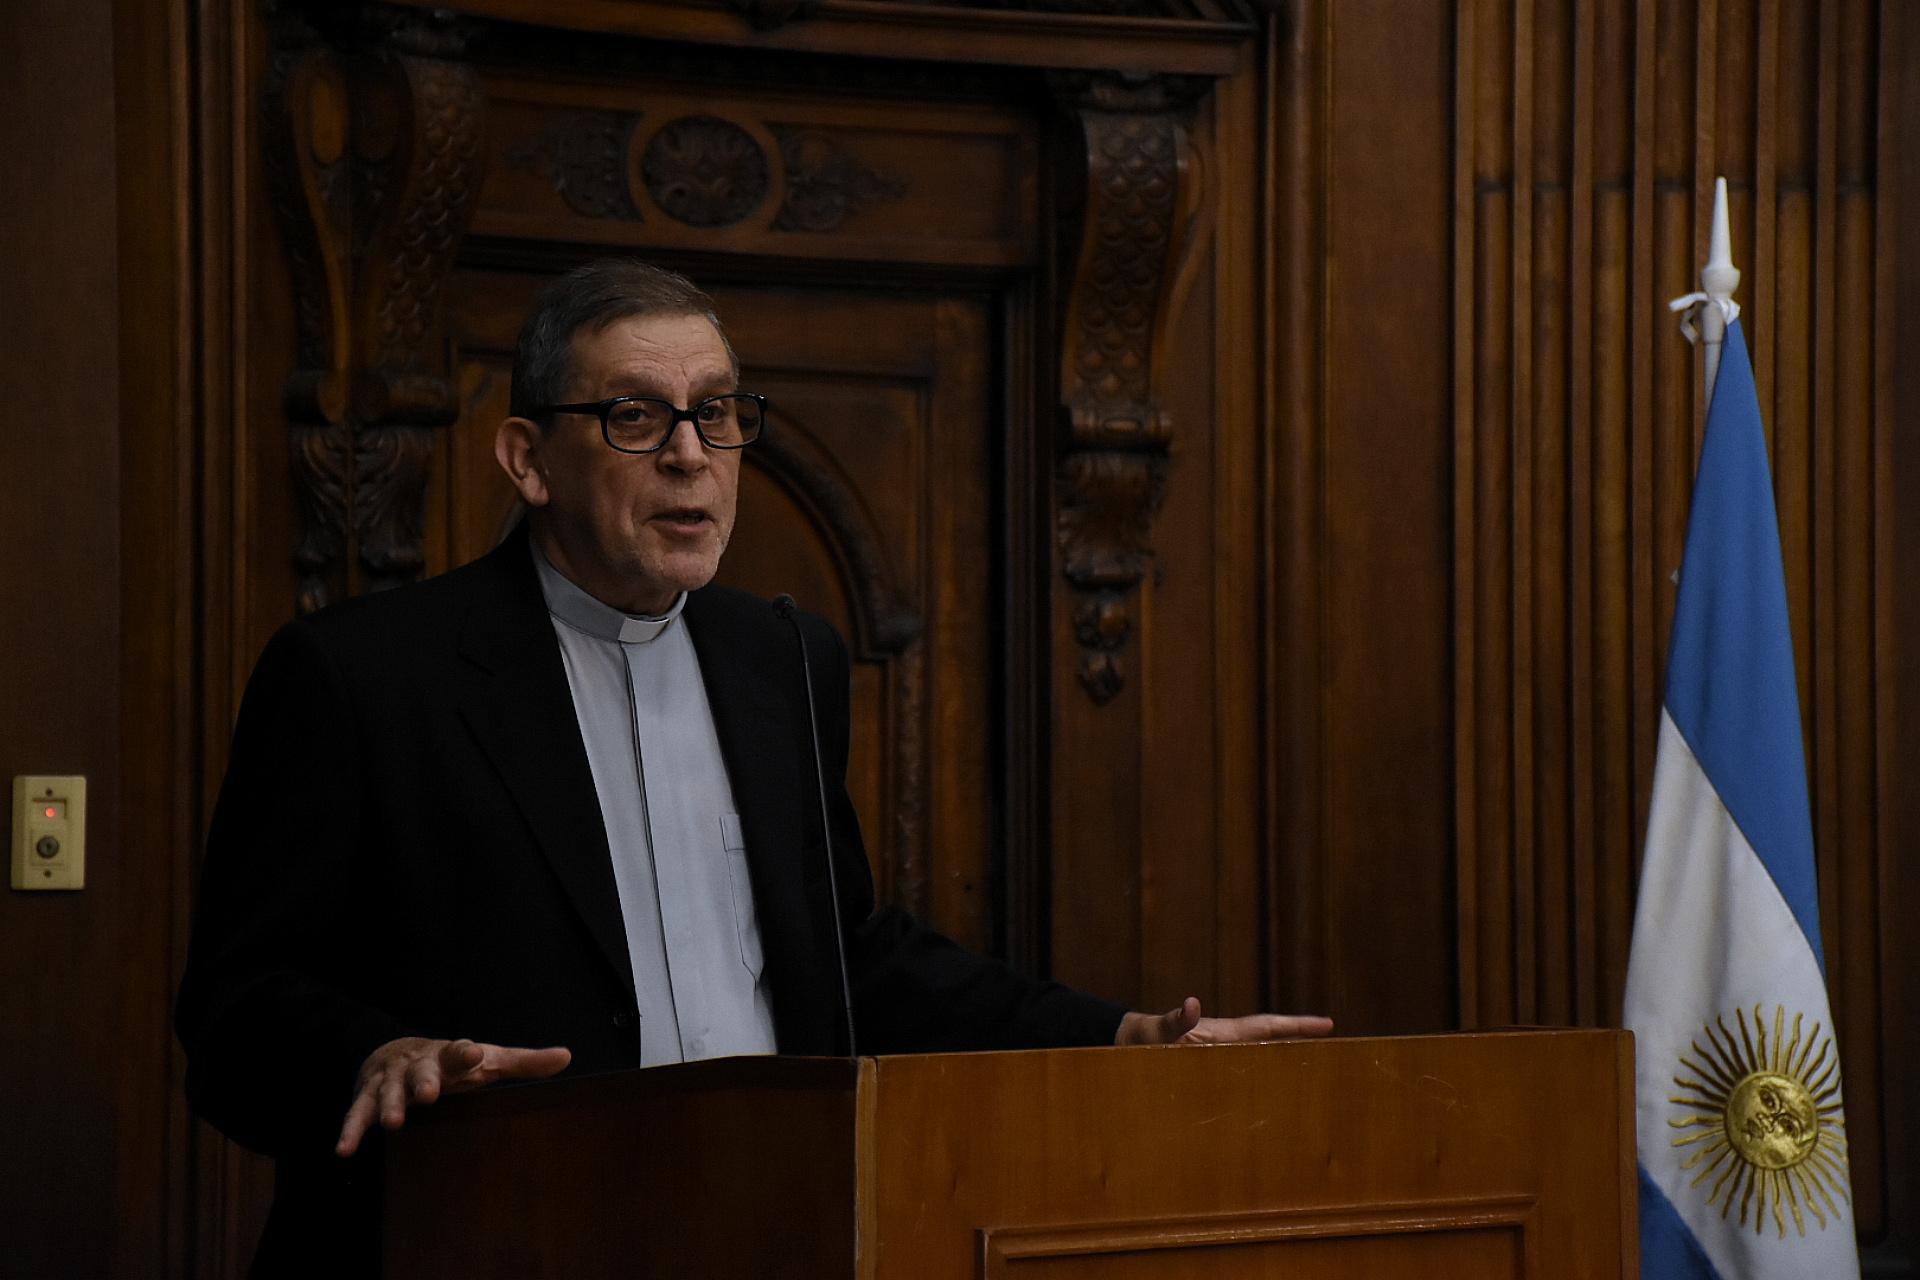 Fernando Giannetti también reconoció en su discurso la labor de investigación y compromiso de las autoras